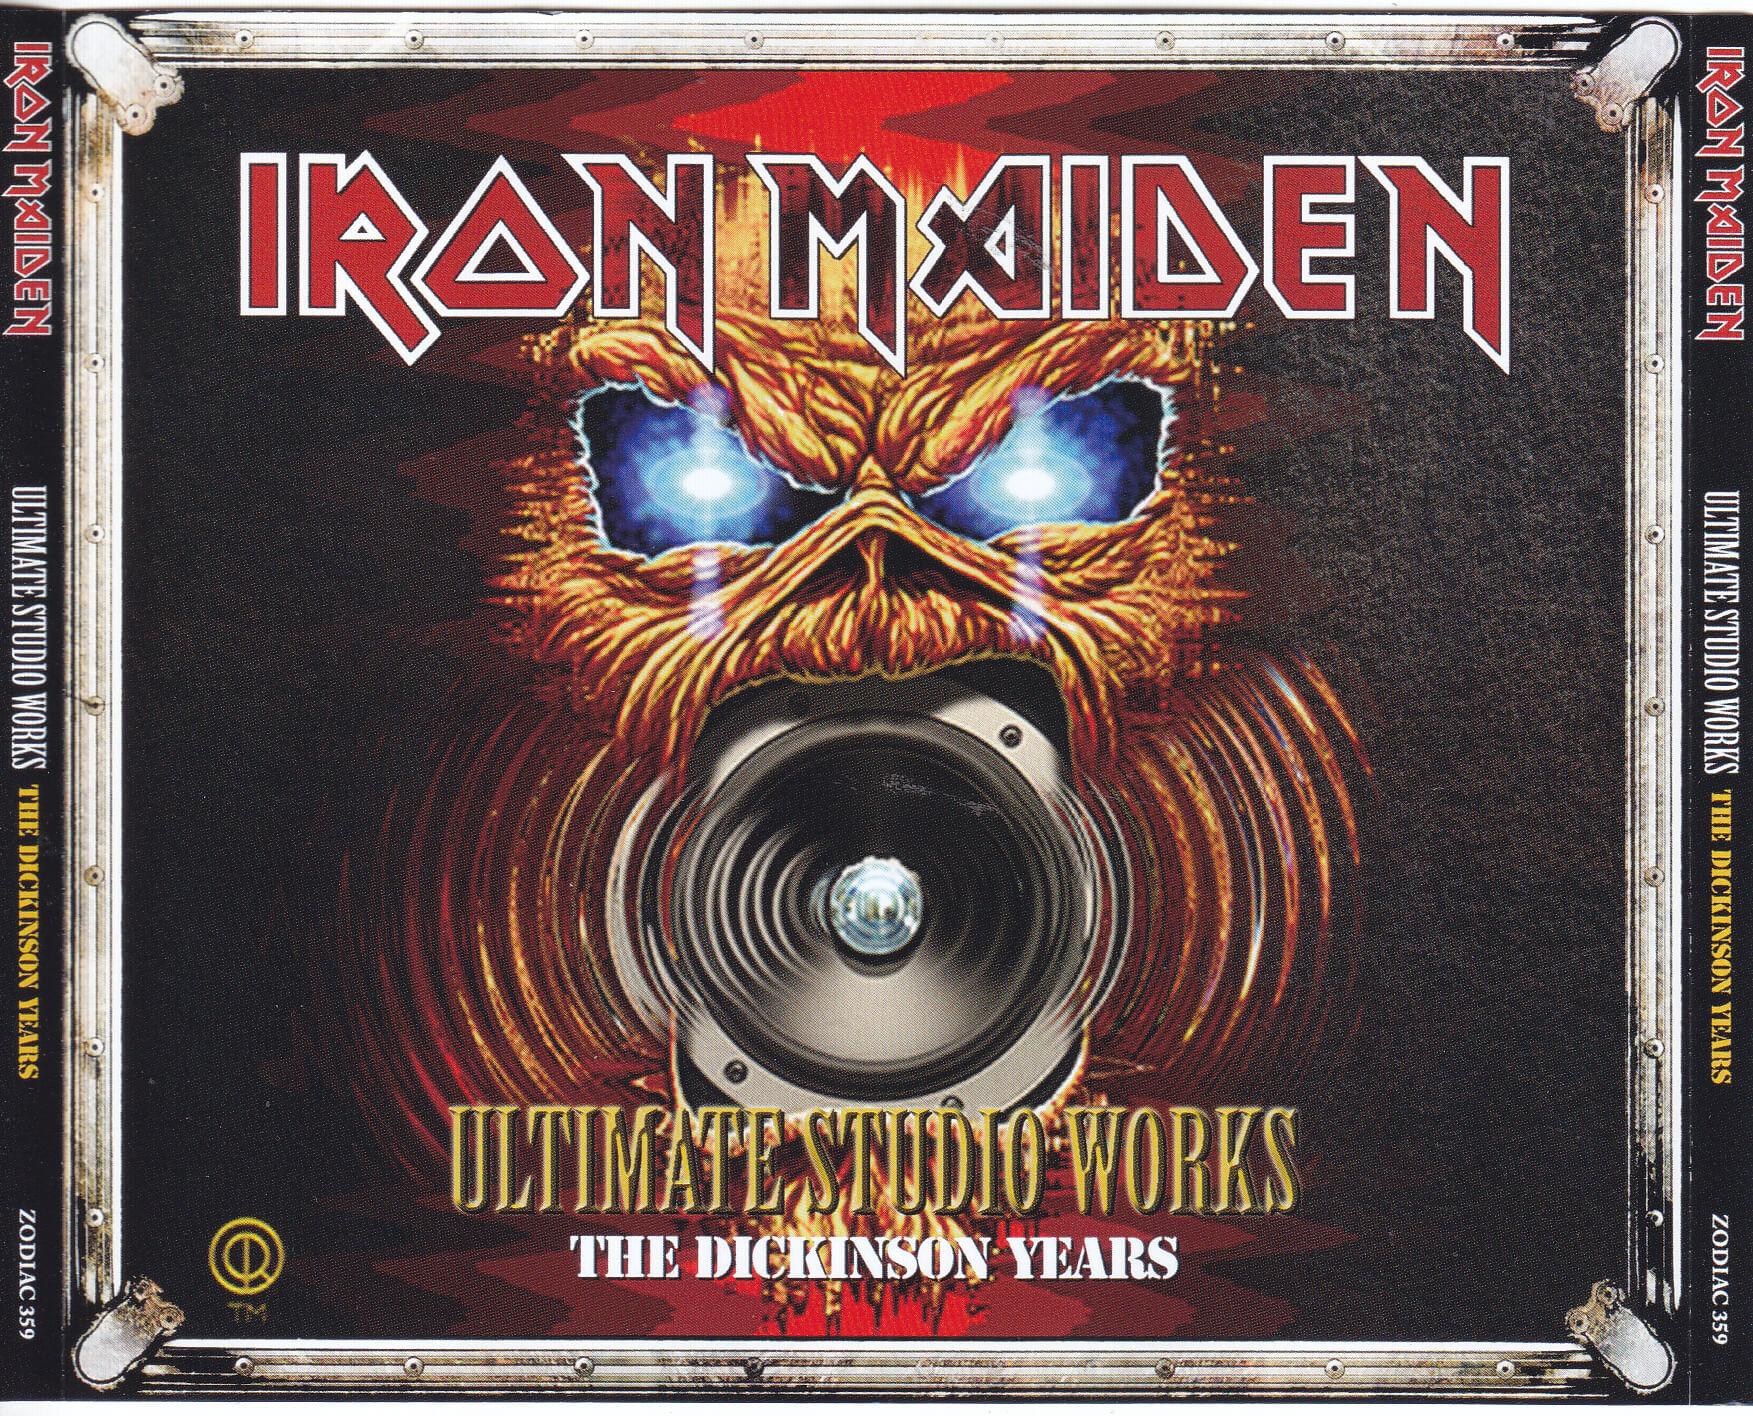 Iron Maiden Eddie Hi-gloss sticker.